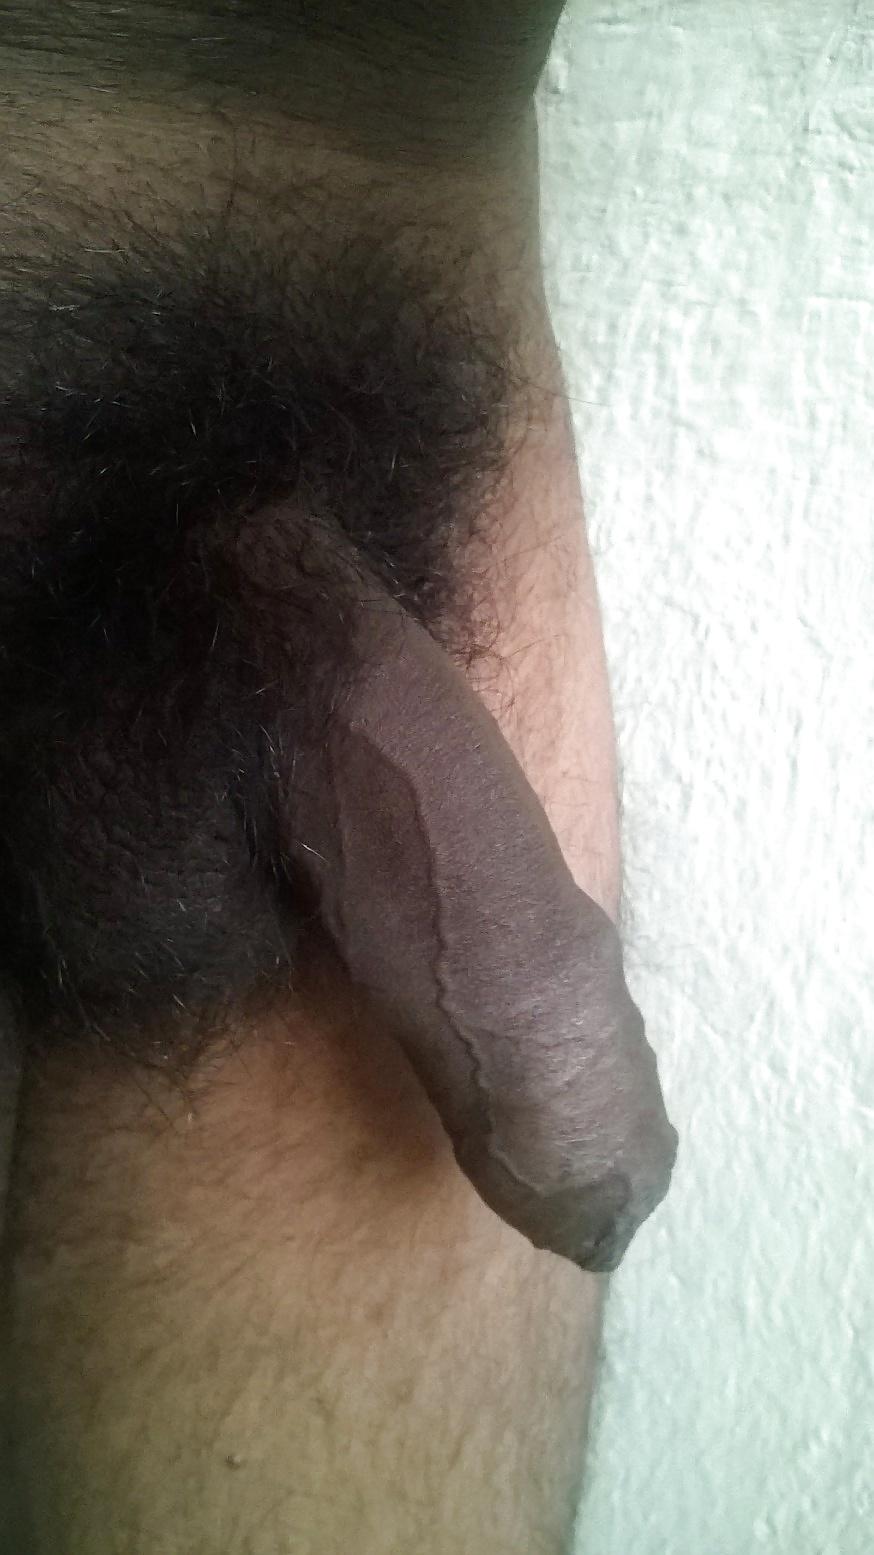 Sex penis vagina